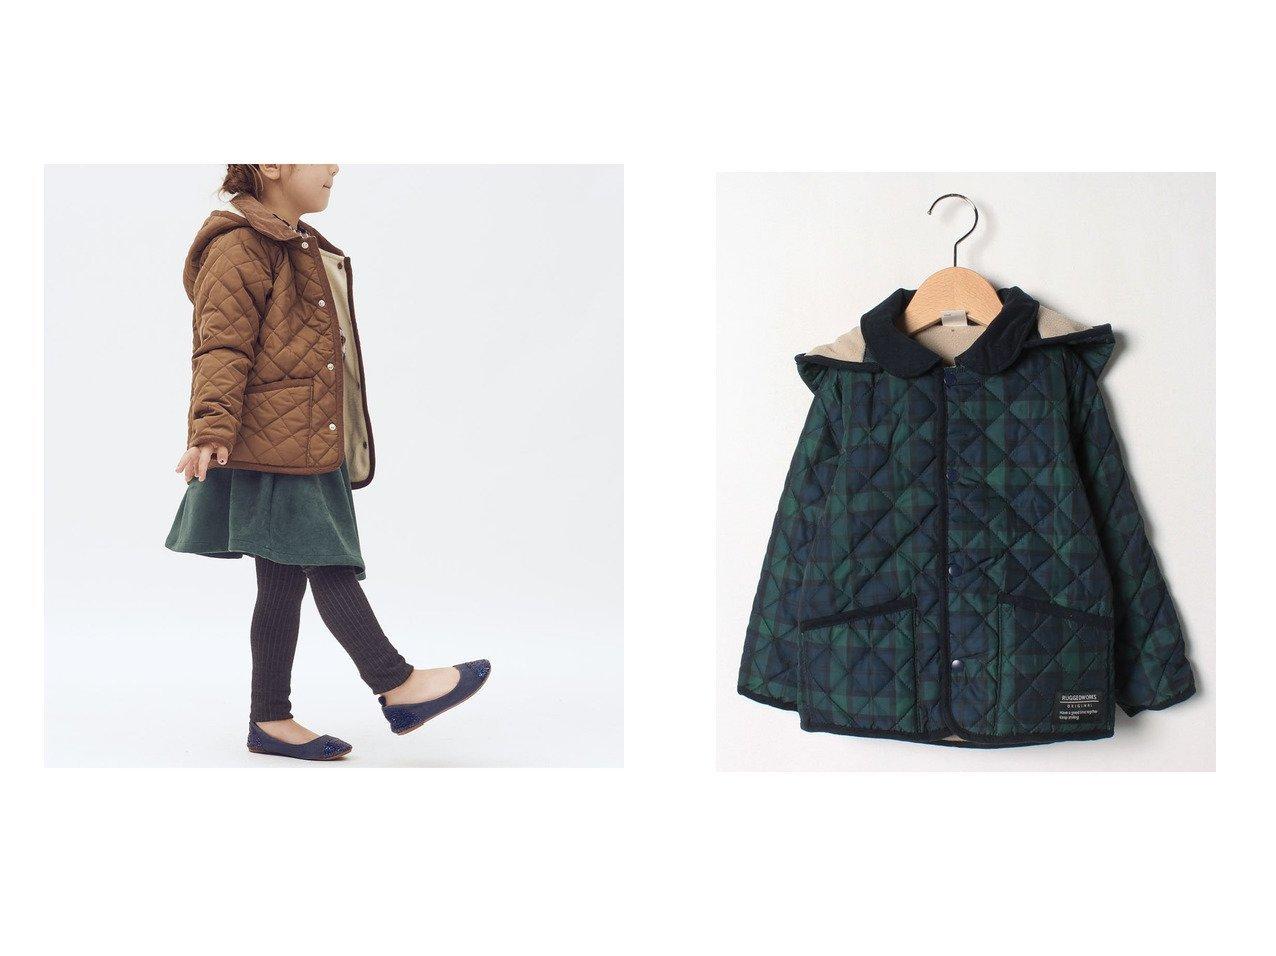 【RUGGEDWORKS / KIDS/ラゲッドワークス】のキルトジャケット KIDS】子供服のおすすめ!人気トレンド・キッズファッションの通販 おすすめで人気の流行・トレンド、ファッションの通販商品 メンズファッション・キッズファッション・インテリア・家具・レディースファッション・服の通販 founy(ファニー) https://founy.com/ ファッション Fashion キッズファッション KIDS アウター Coat Outerwear Kids キルティング キルト ジャケット |ID:crp329100000018393